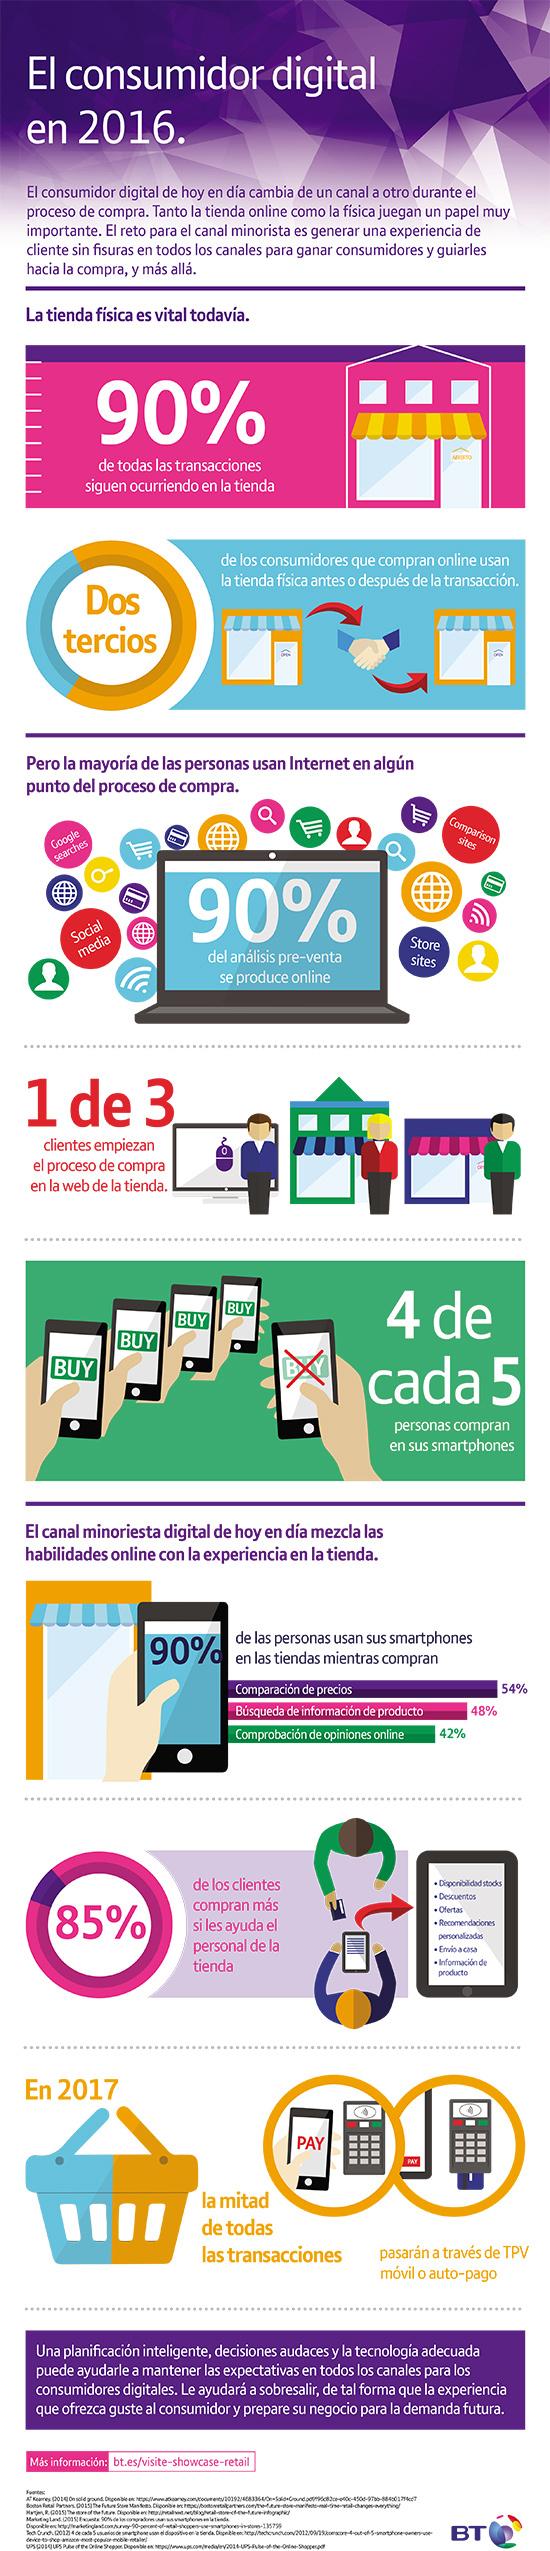 infografia-consumidor-digital-en-2016